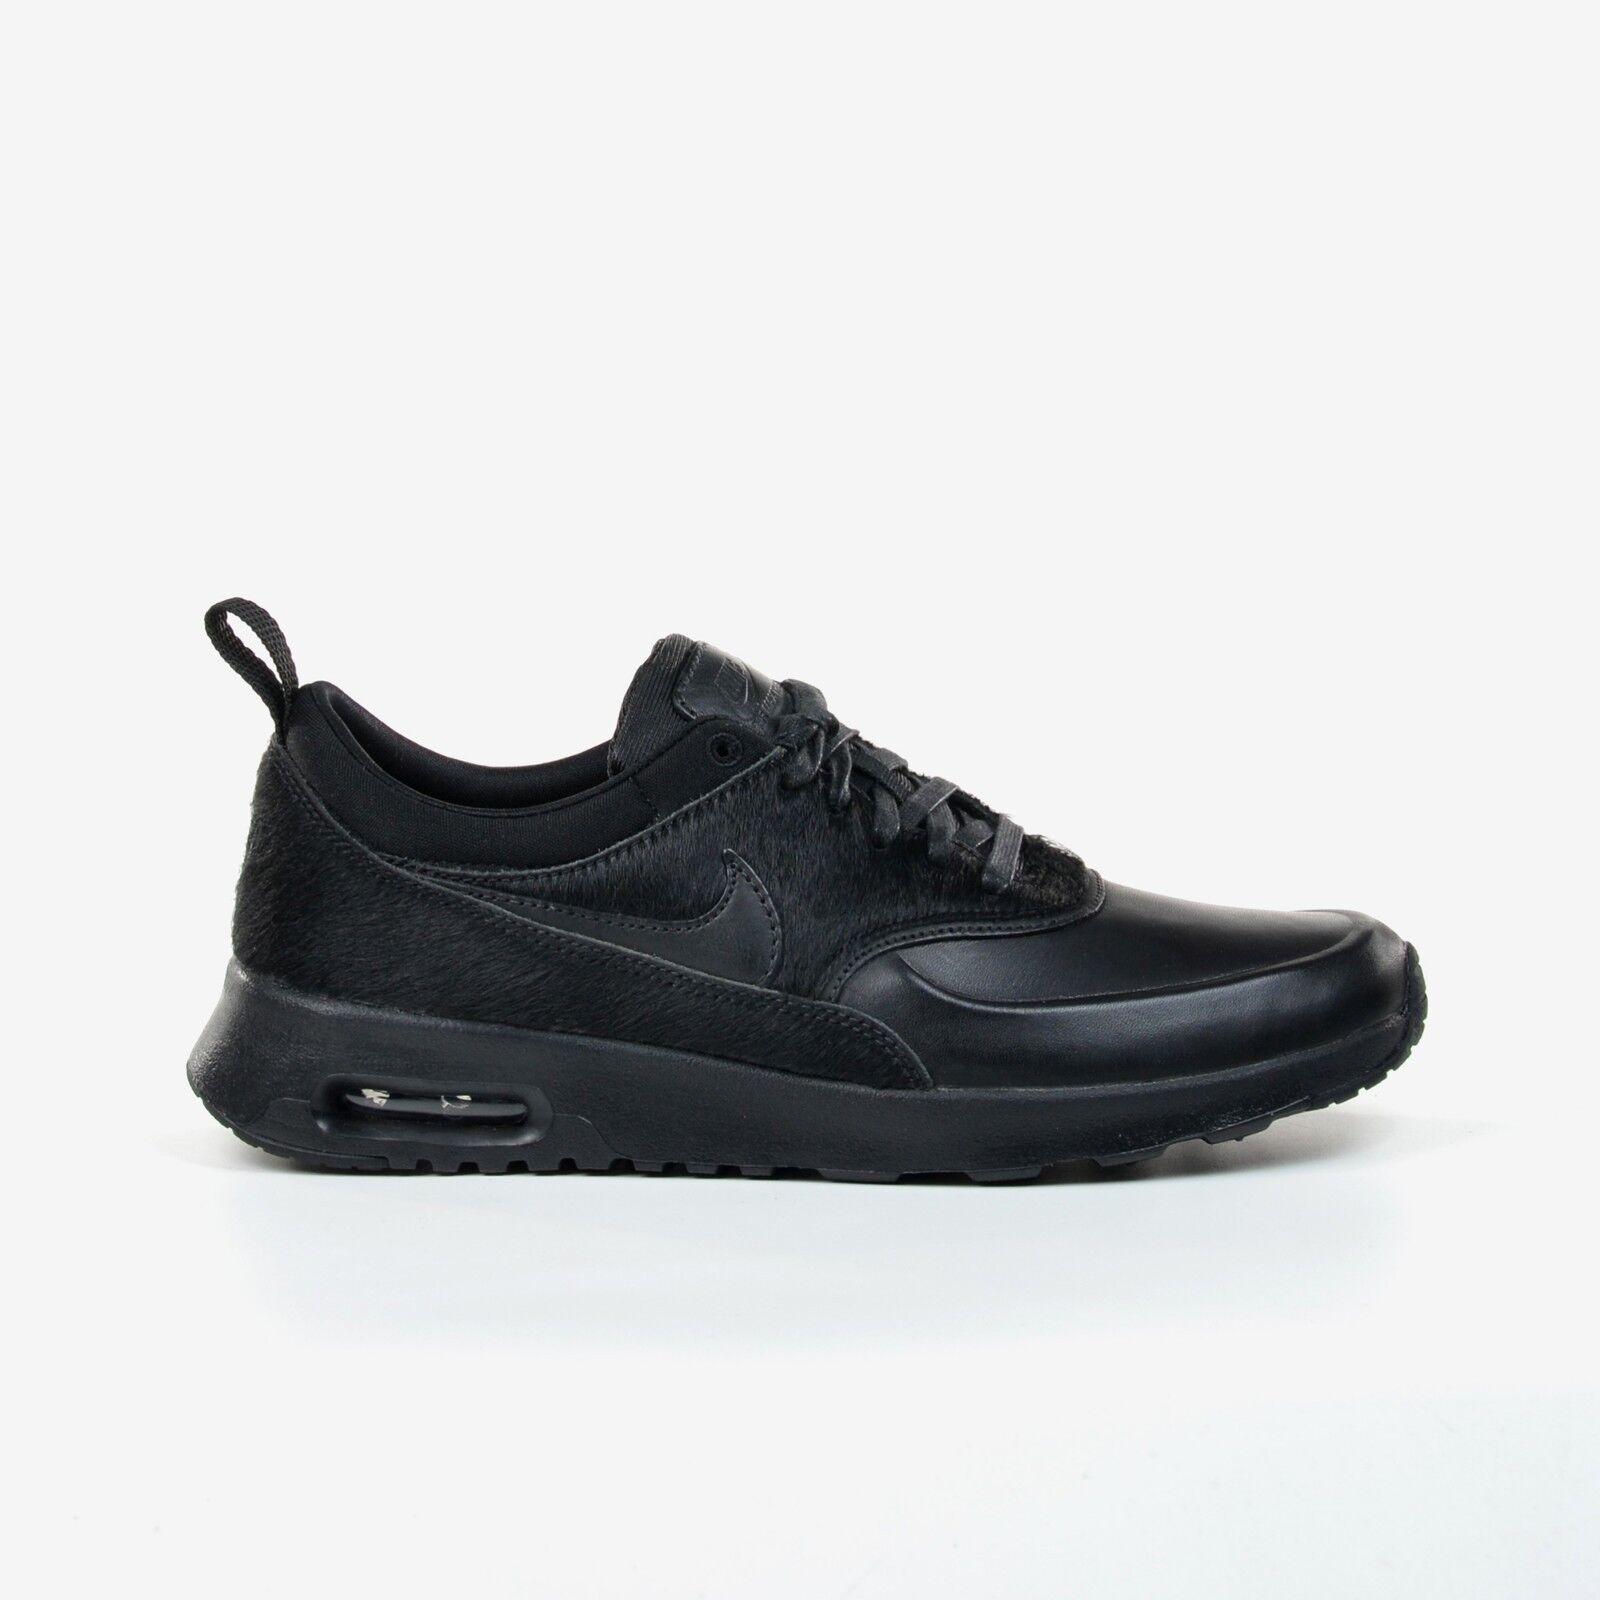 Nike Women's Air Black Max Thea Premium Triple Black Air Running Shoes 2017 DS 616723-011 26d7d6